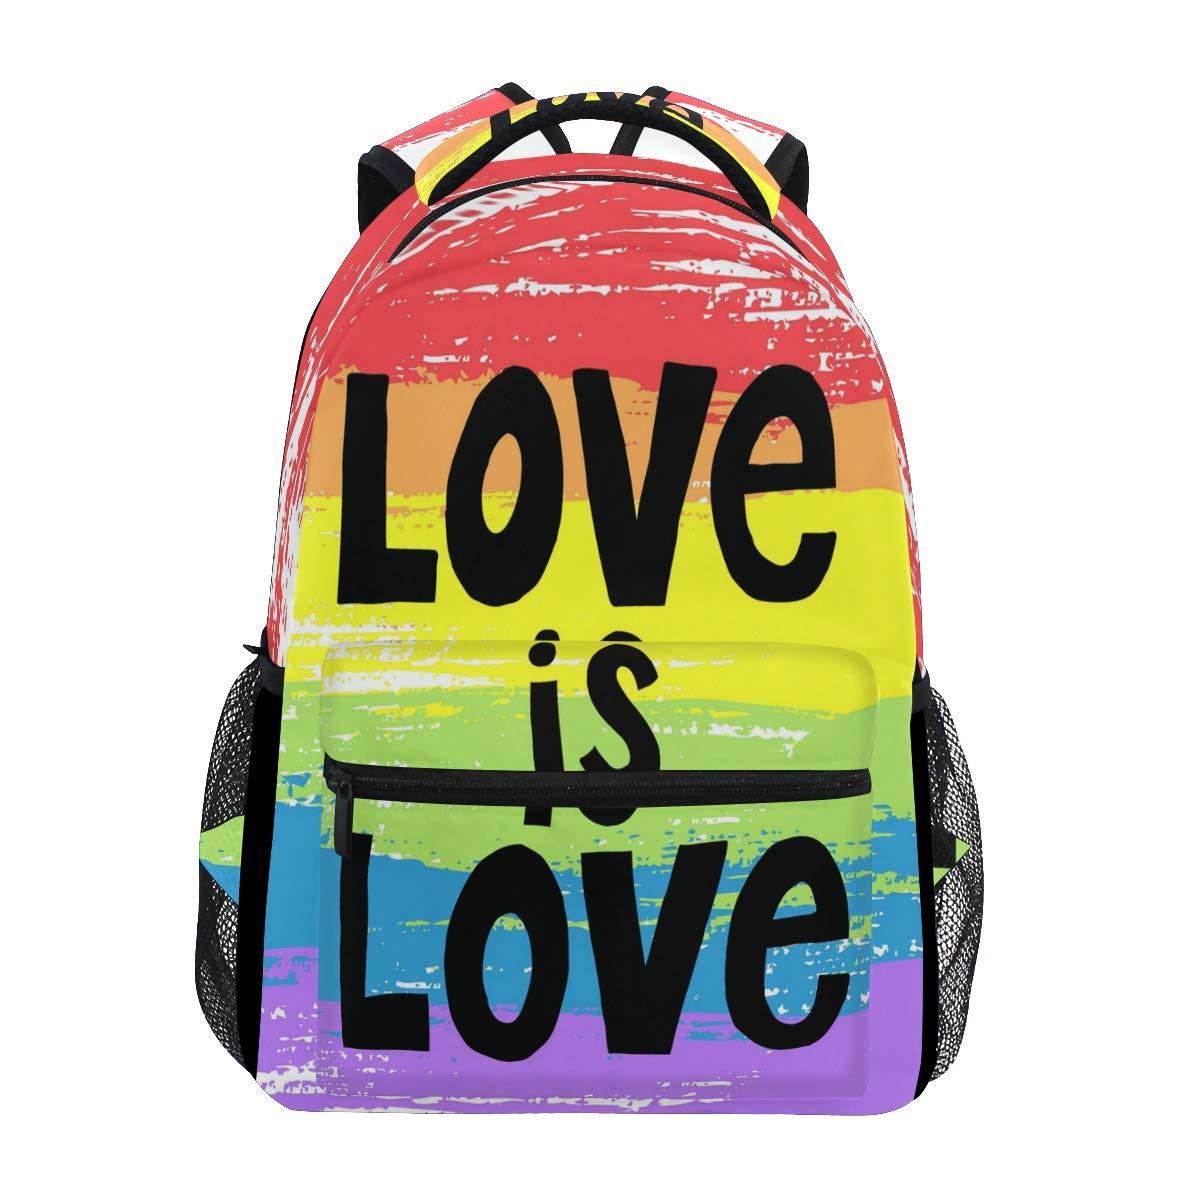 DOSHINE g15513497p203c237s337, Zainetto per bambini Unisex adulti Multicolore Multicolore 11.5''x8''x16''